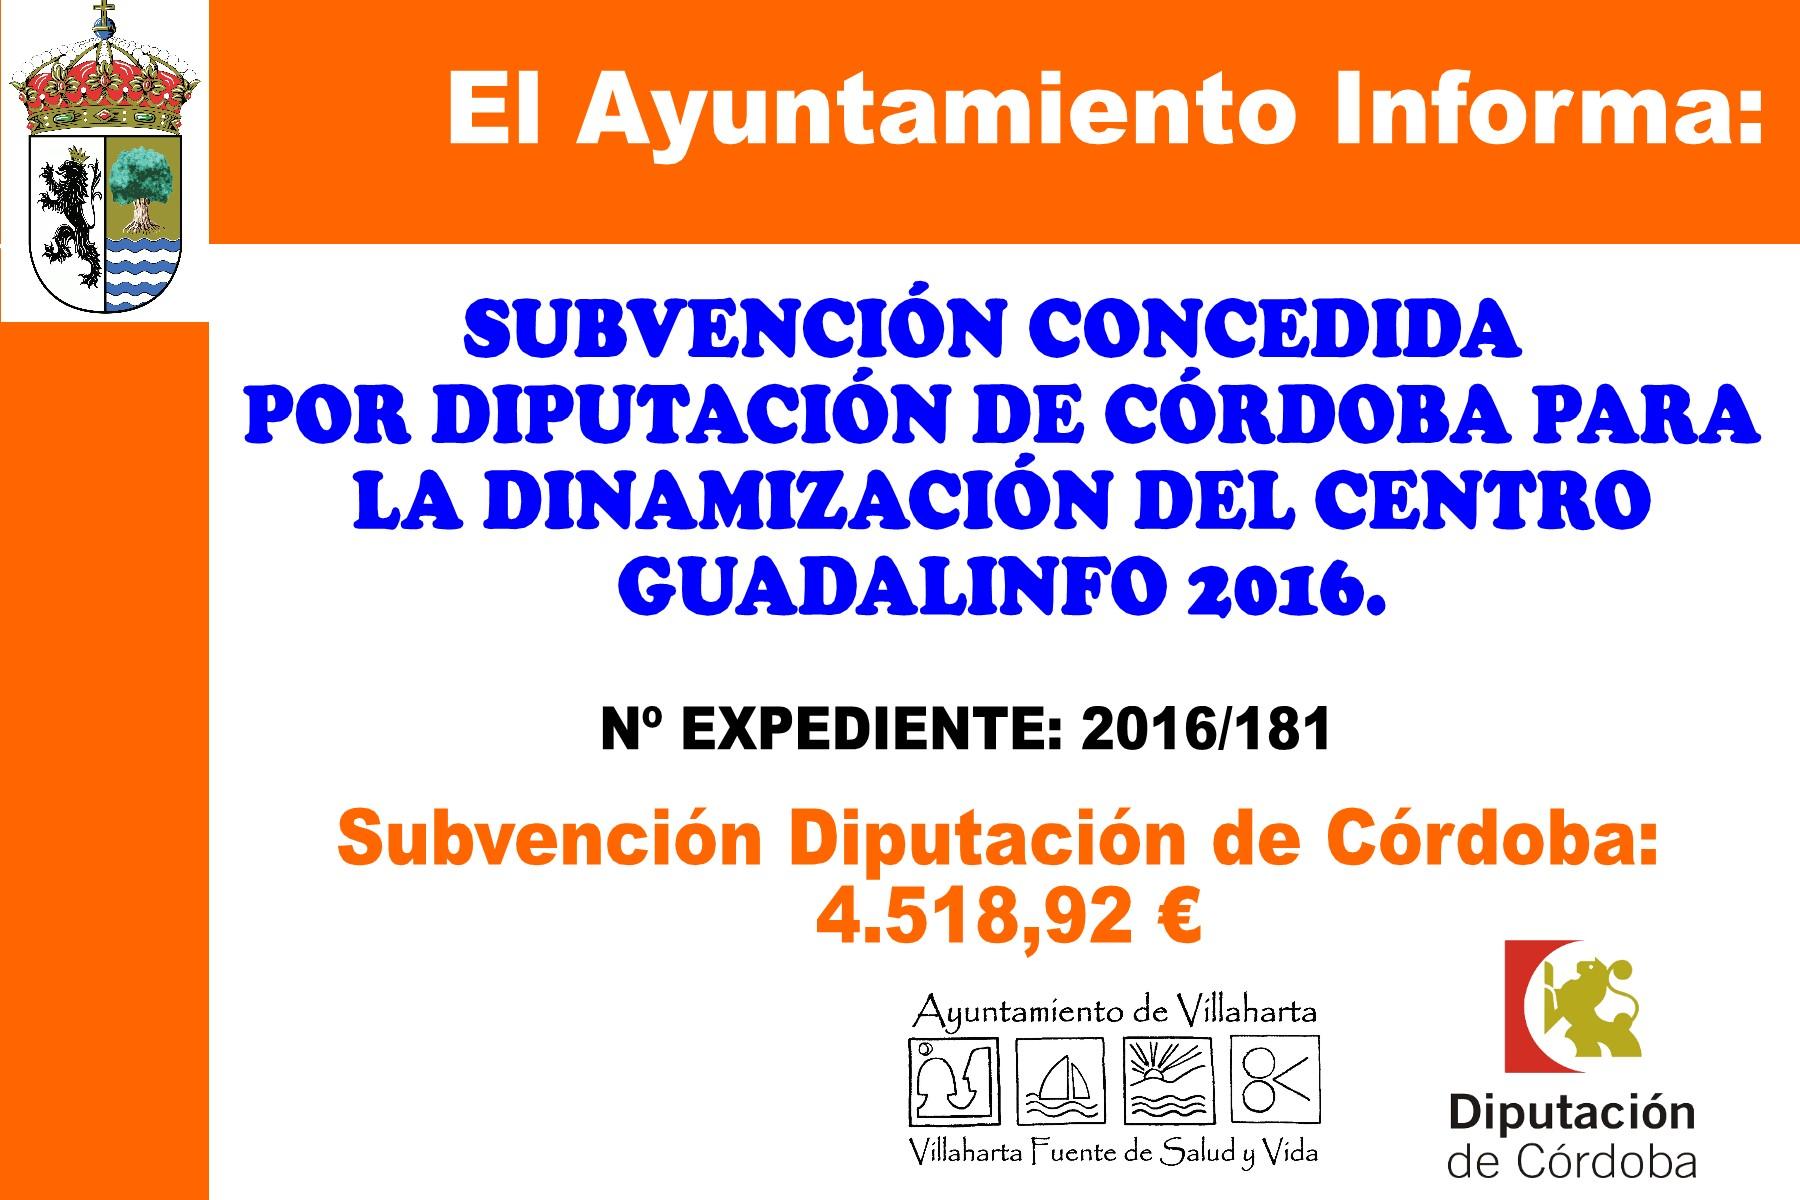 SUBVENCIONES RECIBIDAS. 2016 1